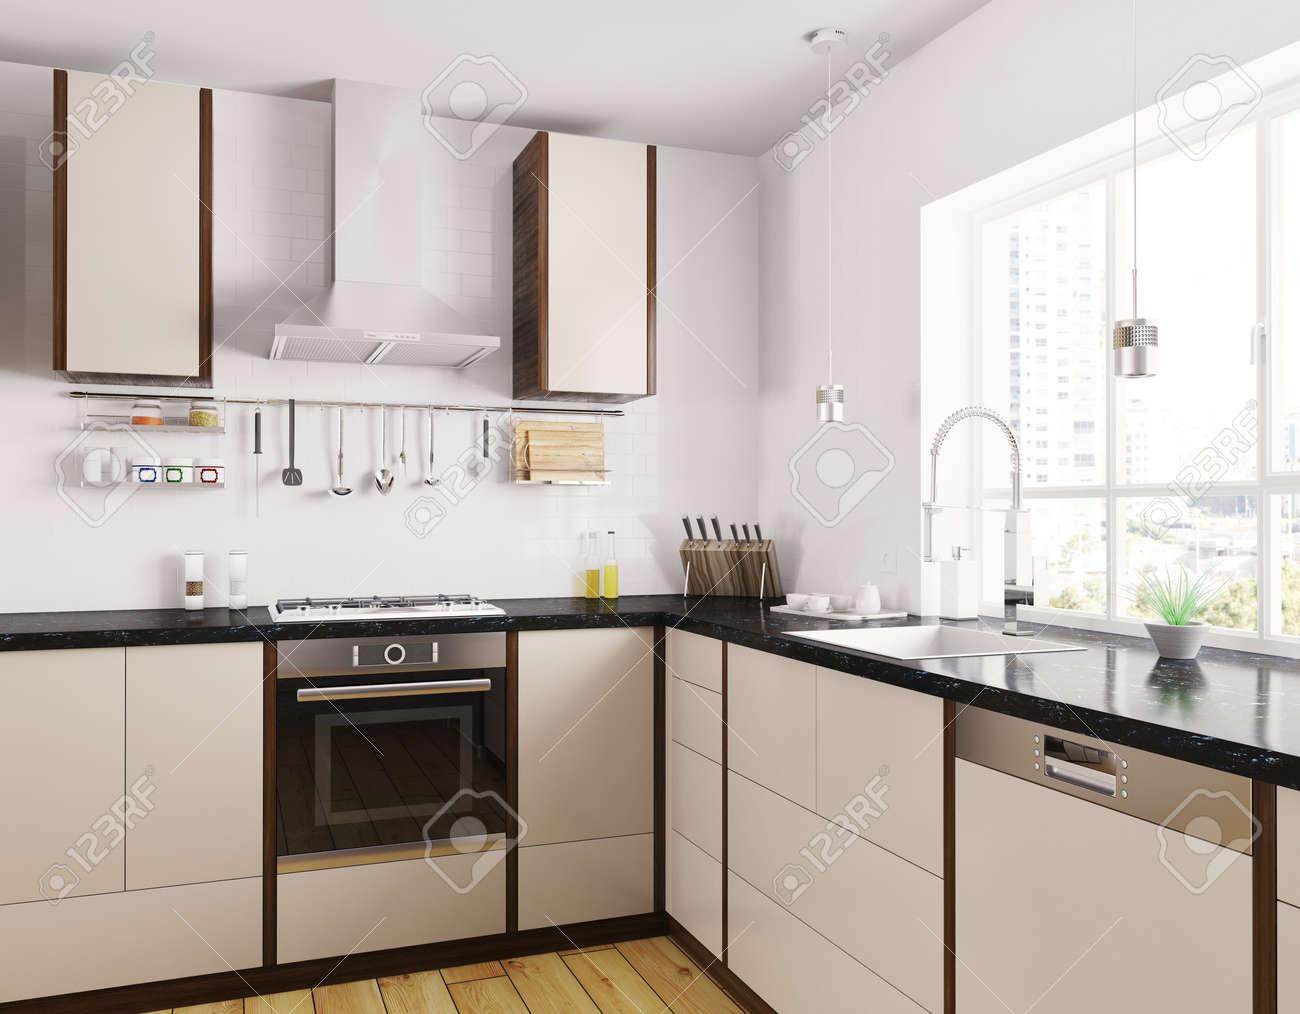 cocina moderna de color beige con encimera de granito negro del interior d foto de archivo